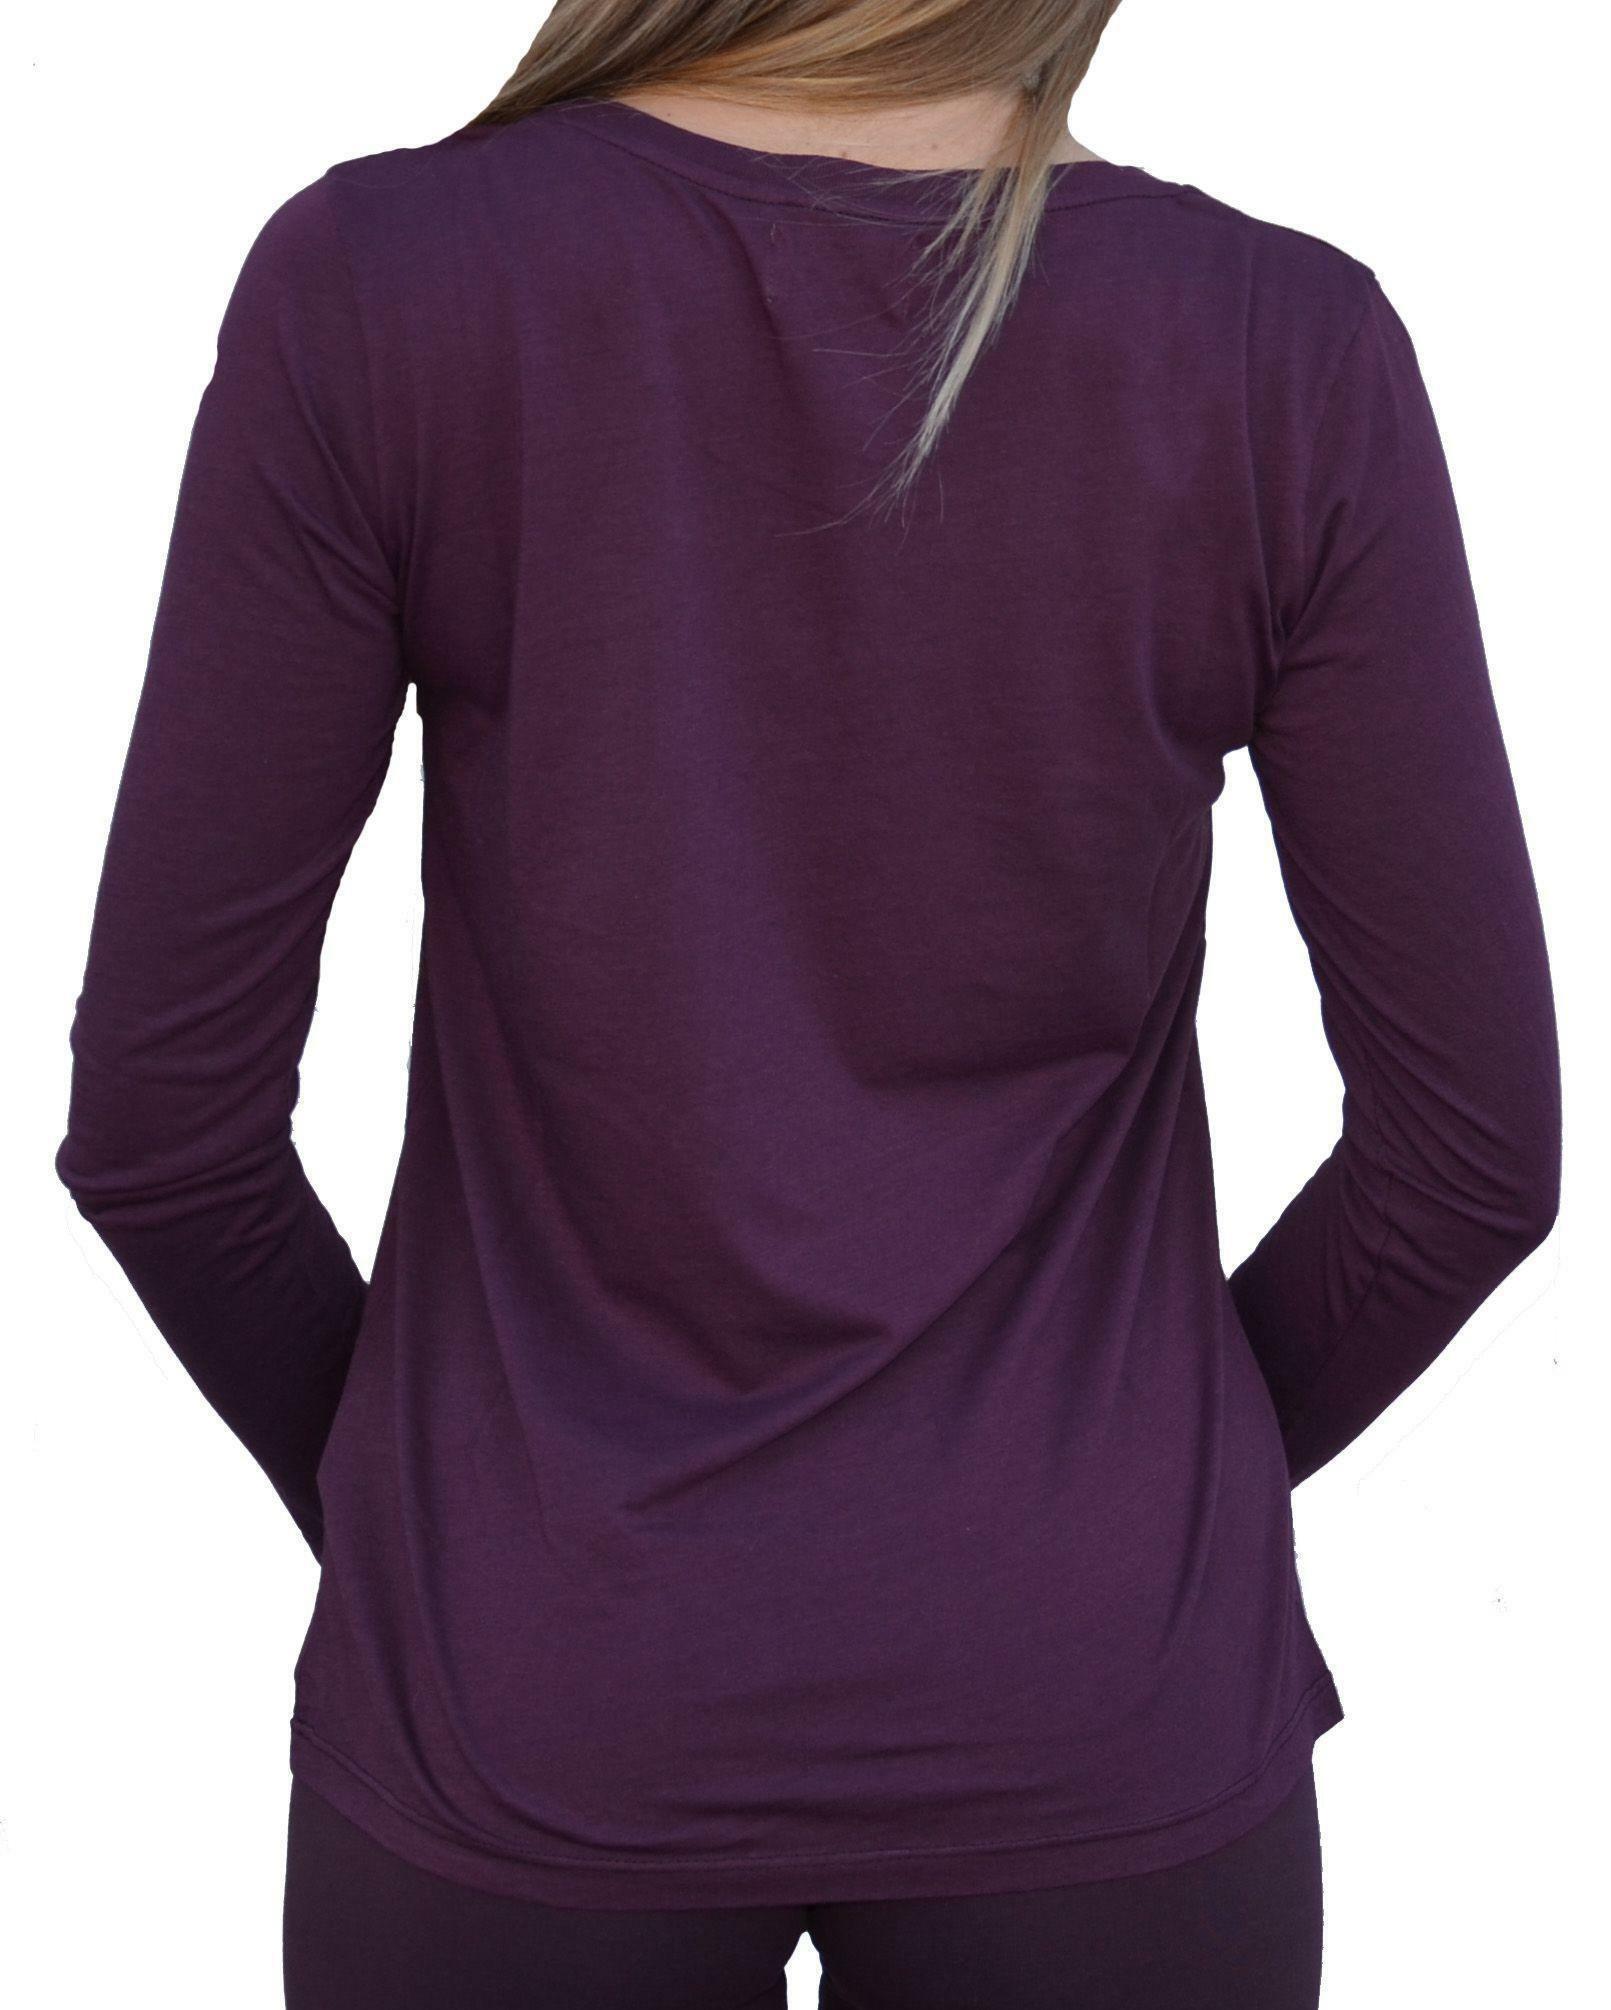 converse converse t-shirt maniche lunghe donna viola glitter